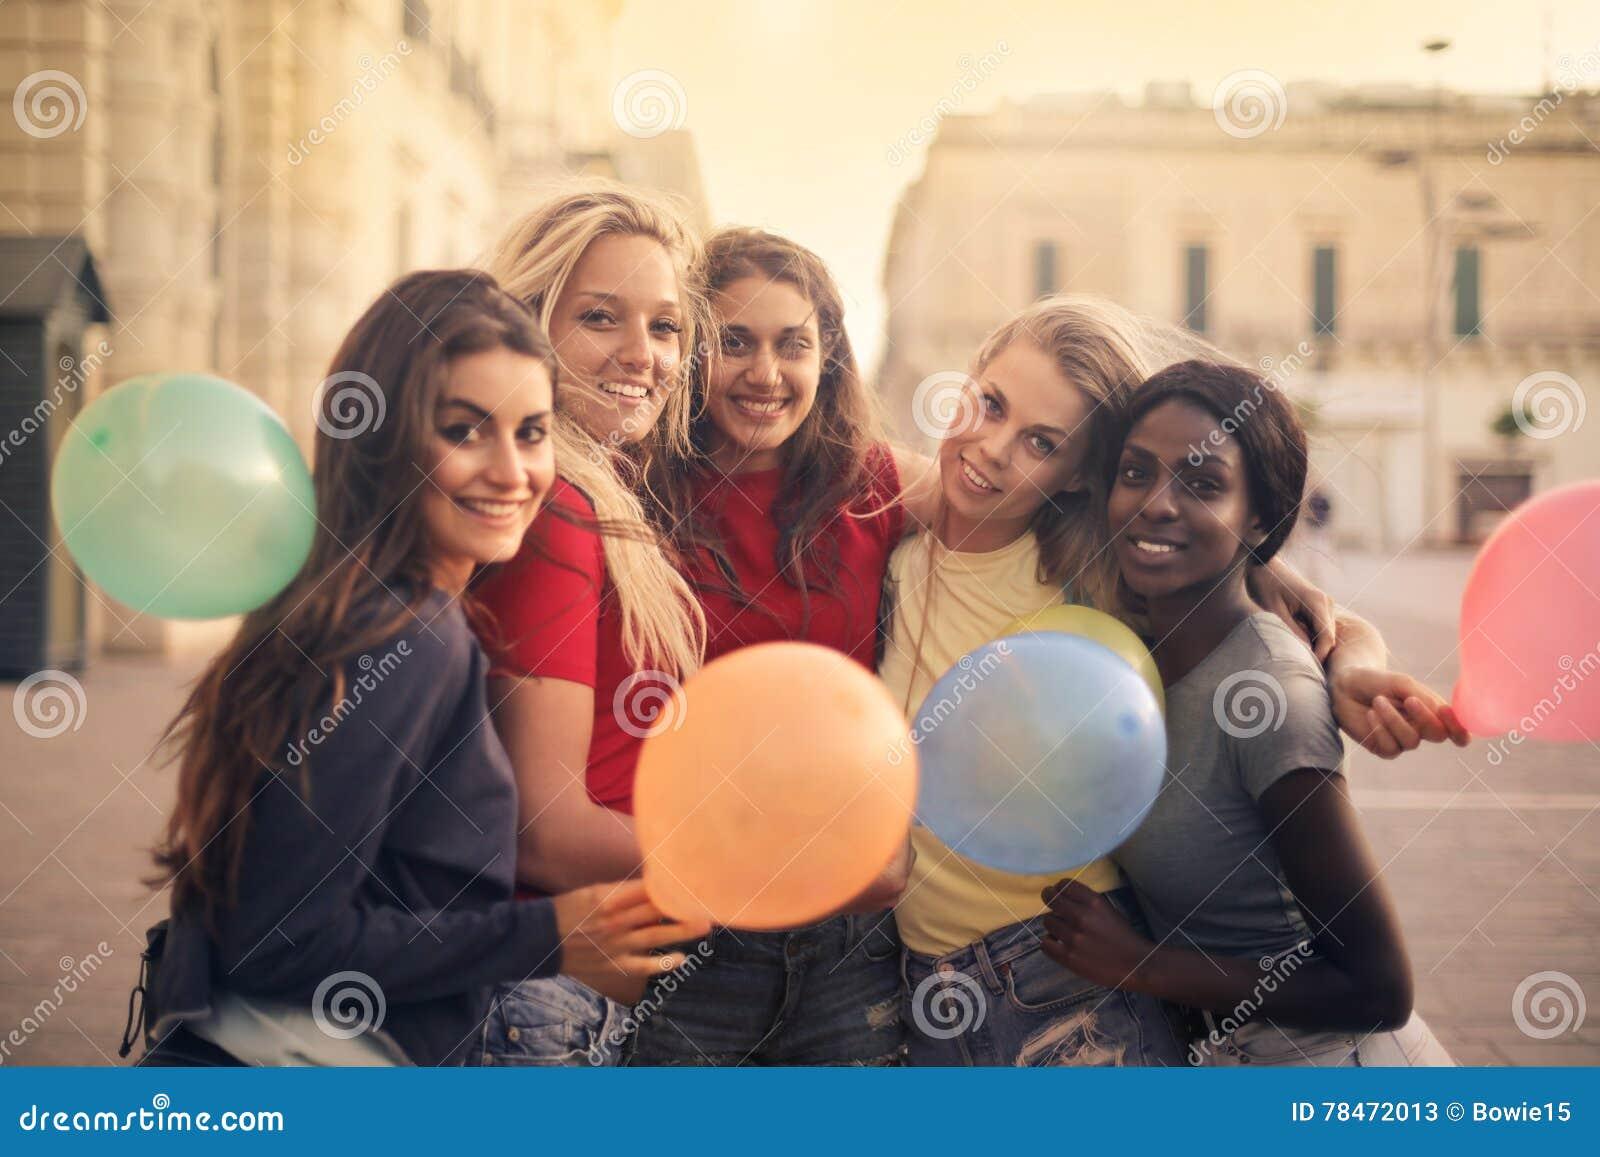 Femmes avec des ballons